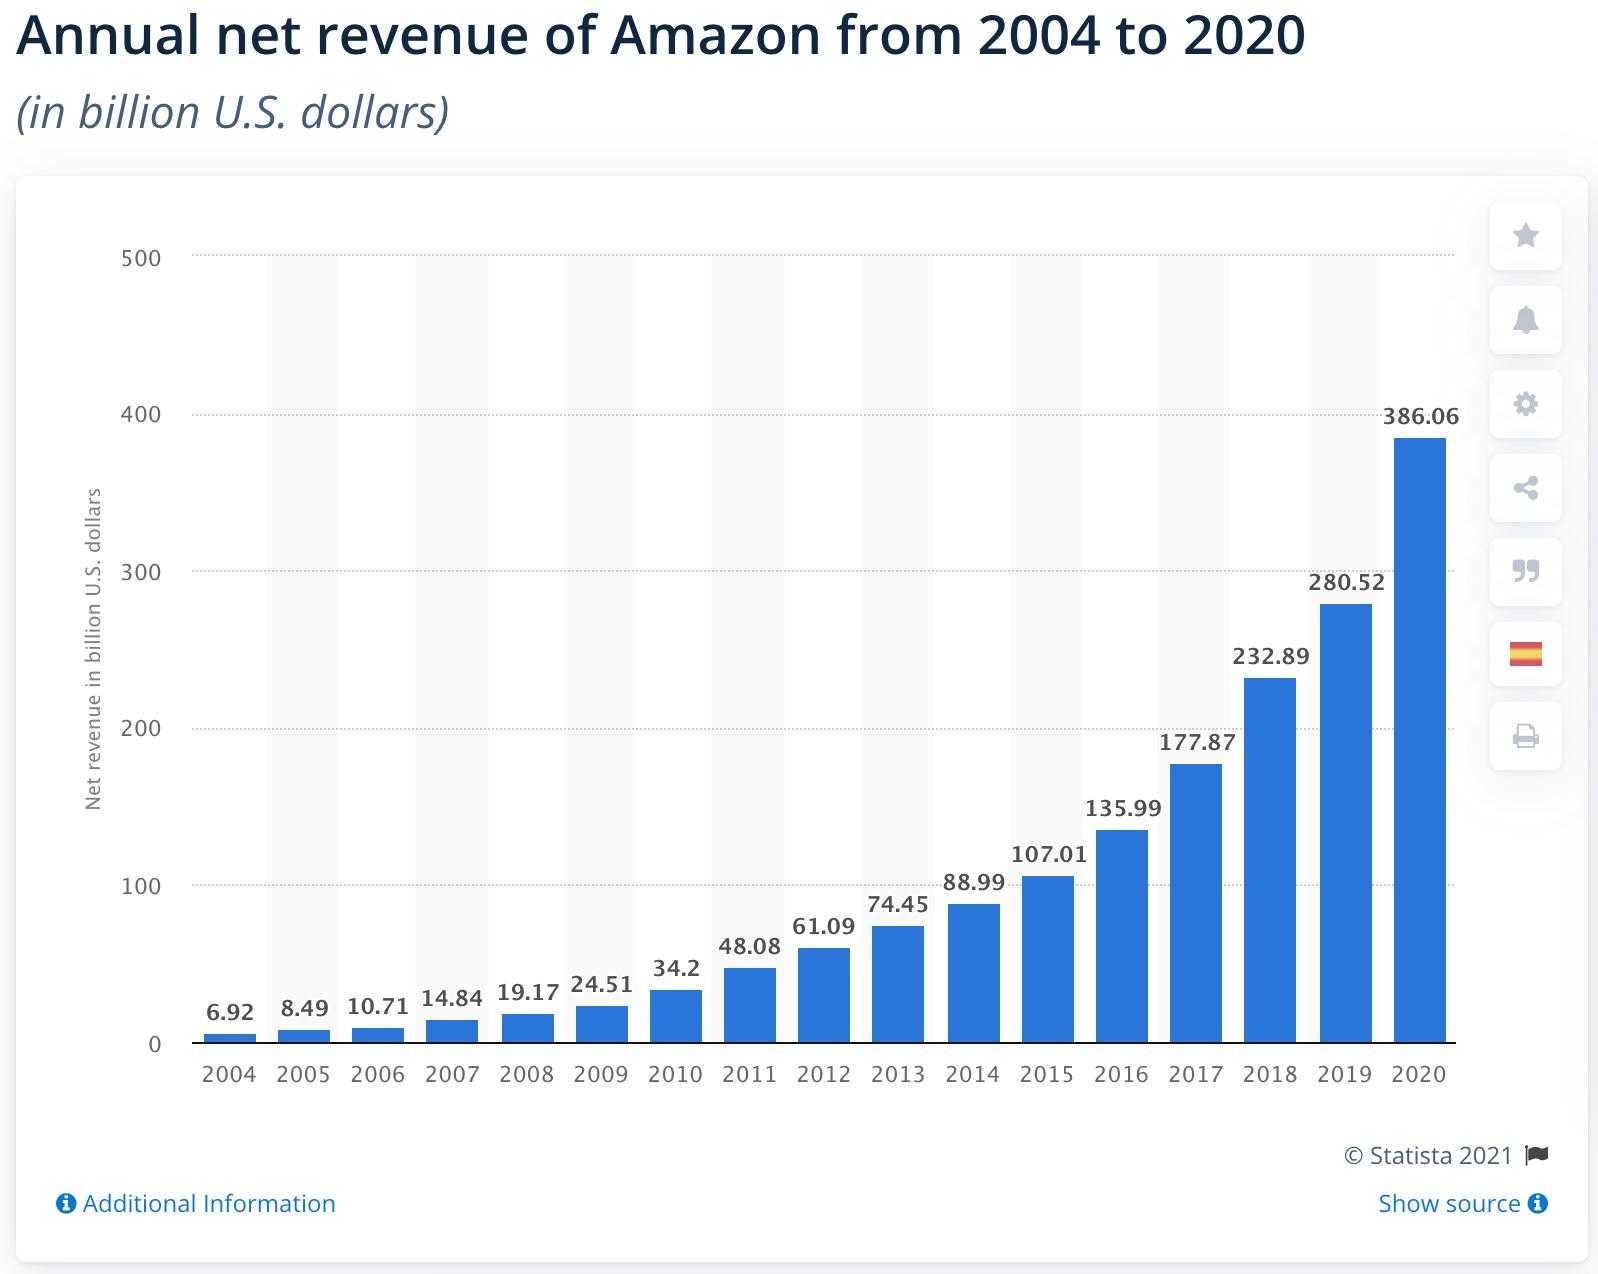 Amazon net revenue 2004-2020